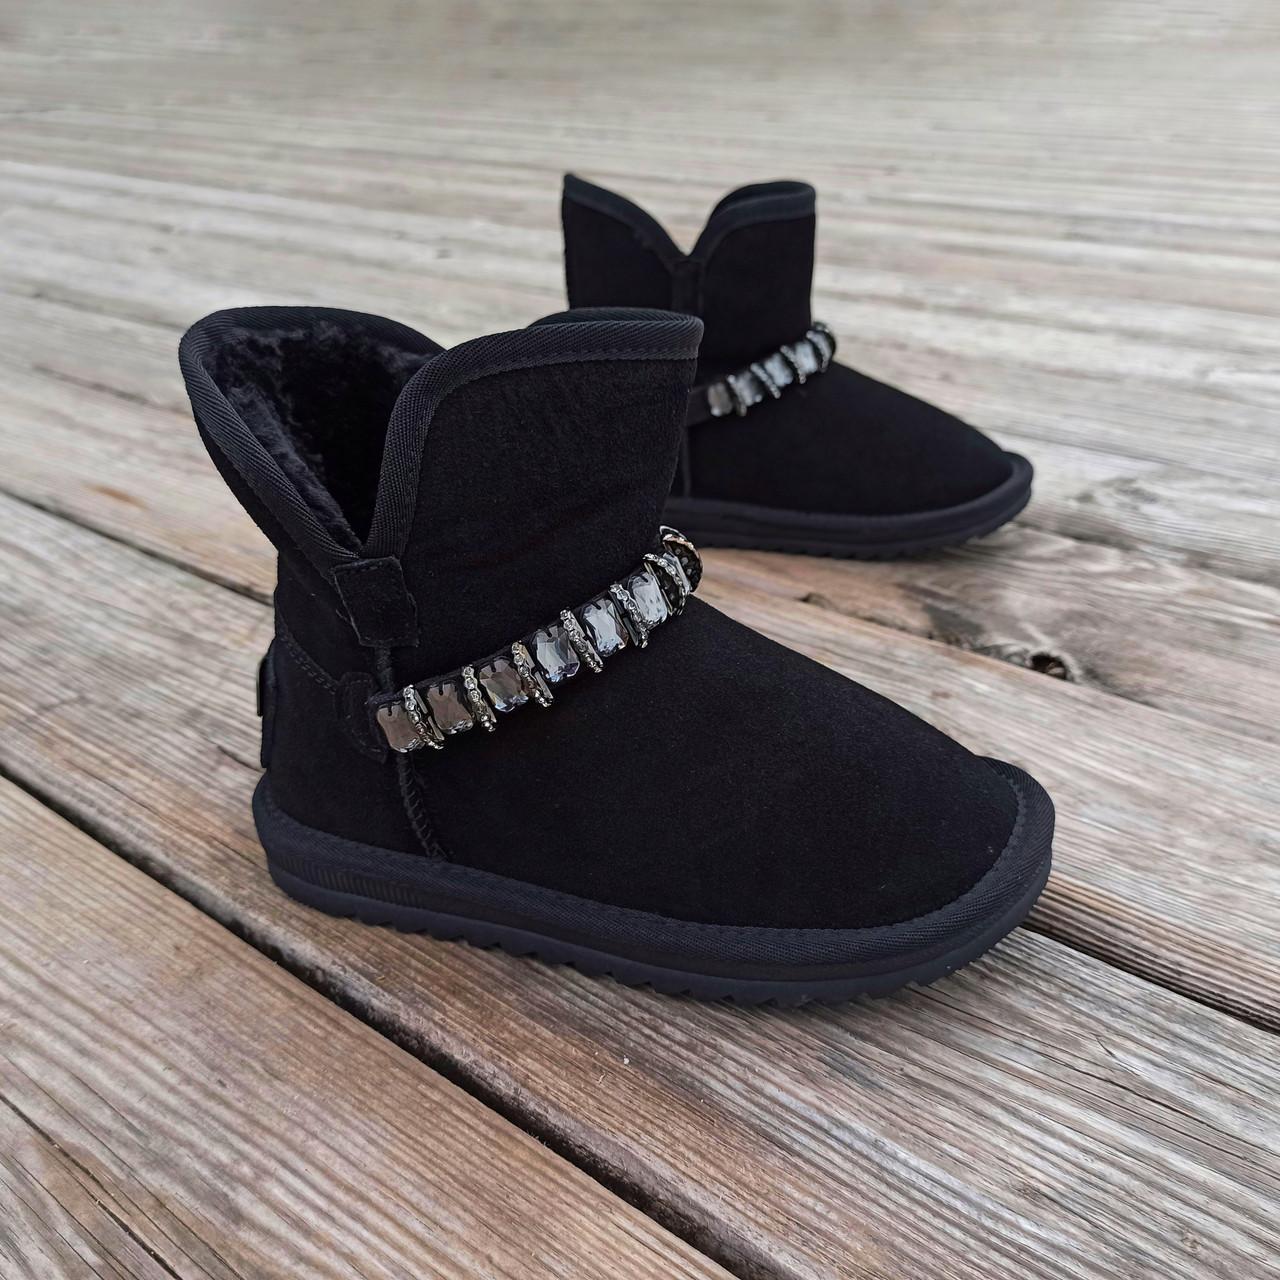 Натуральна замша уггі дитячі UGG чорні черевики чобітки уггі дитячі для дівчинки